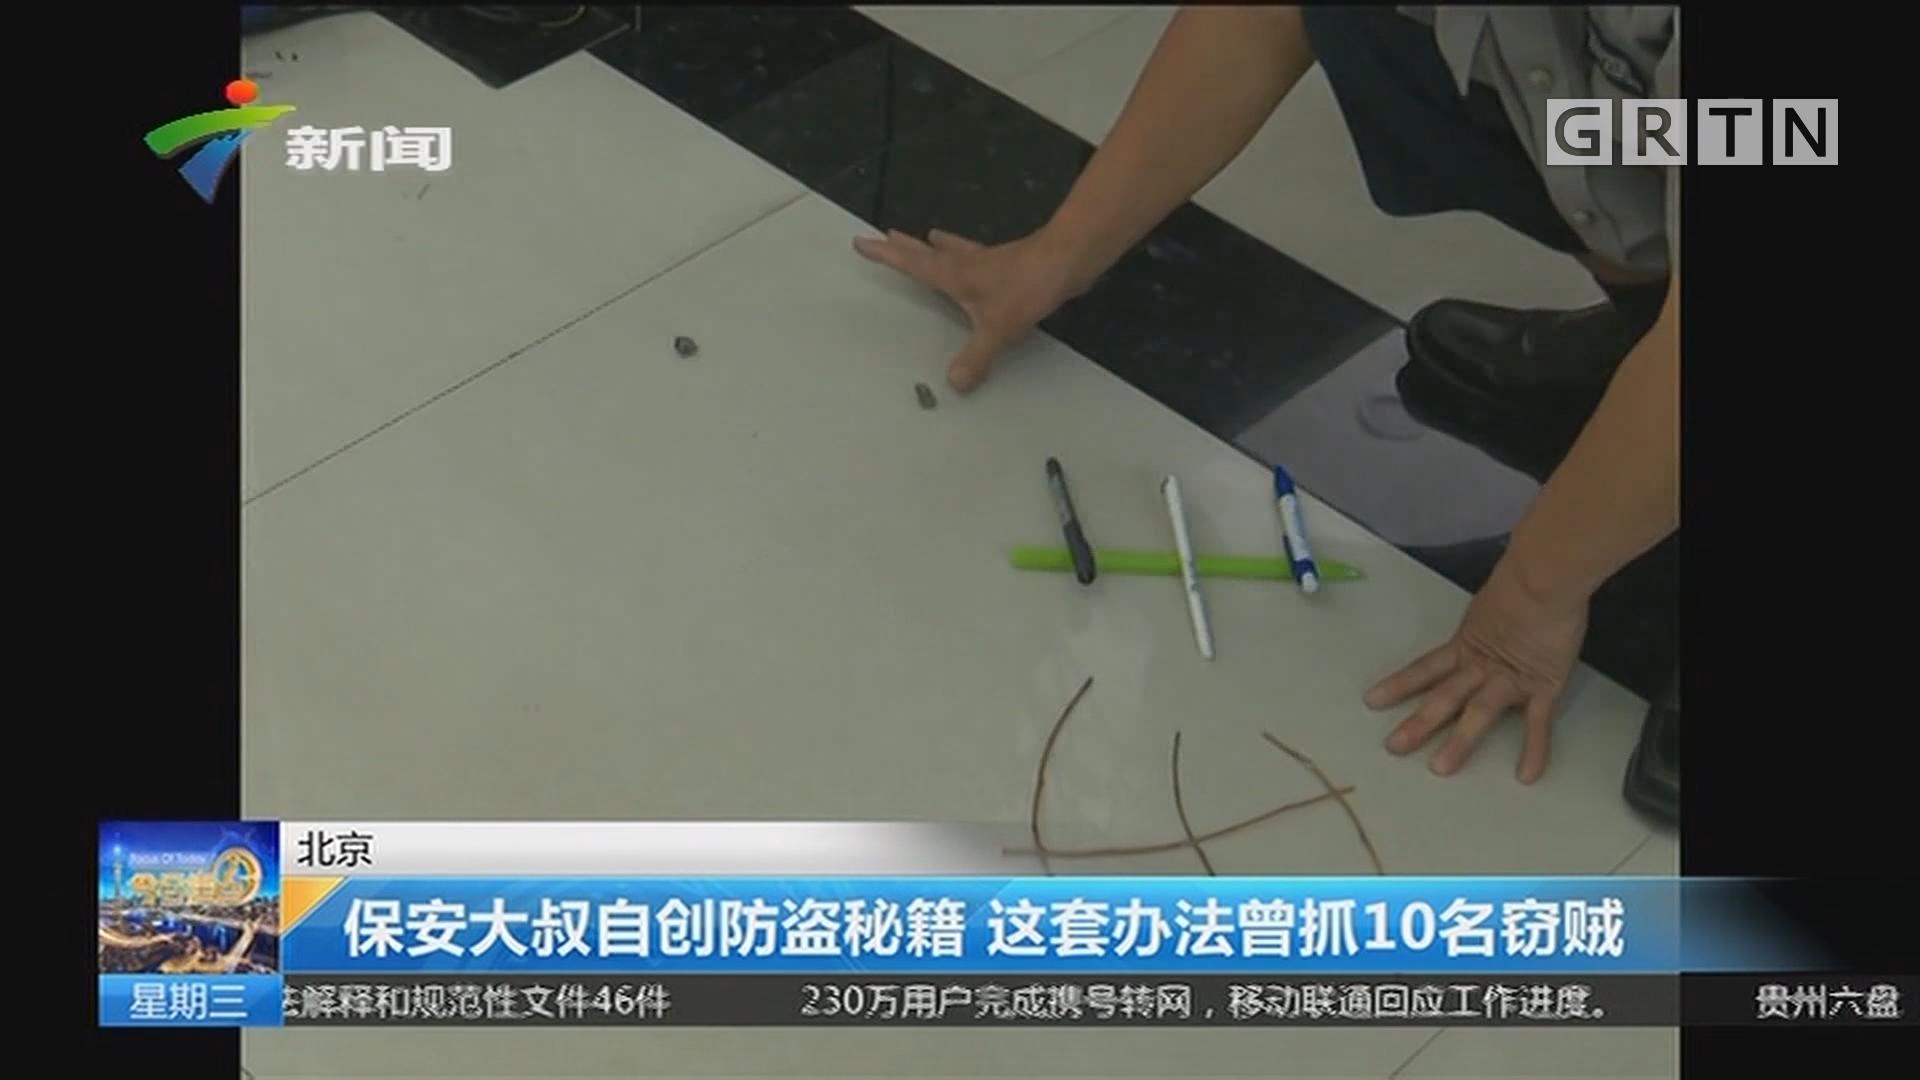 北京:保安大叔自创防盗秘籍 这套办法曾抓10名窃贼